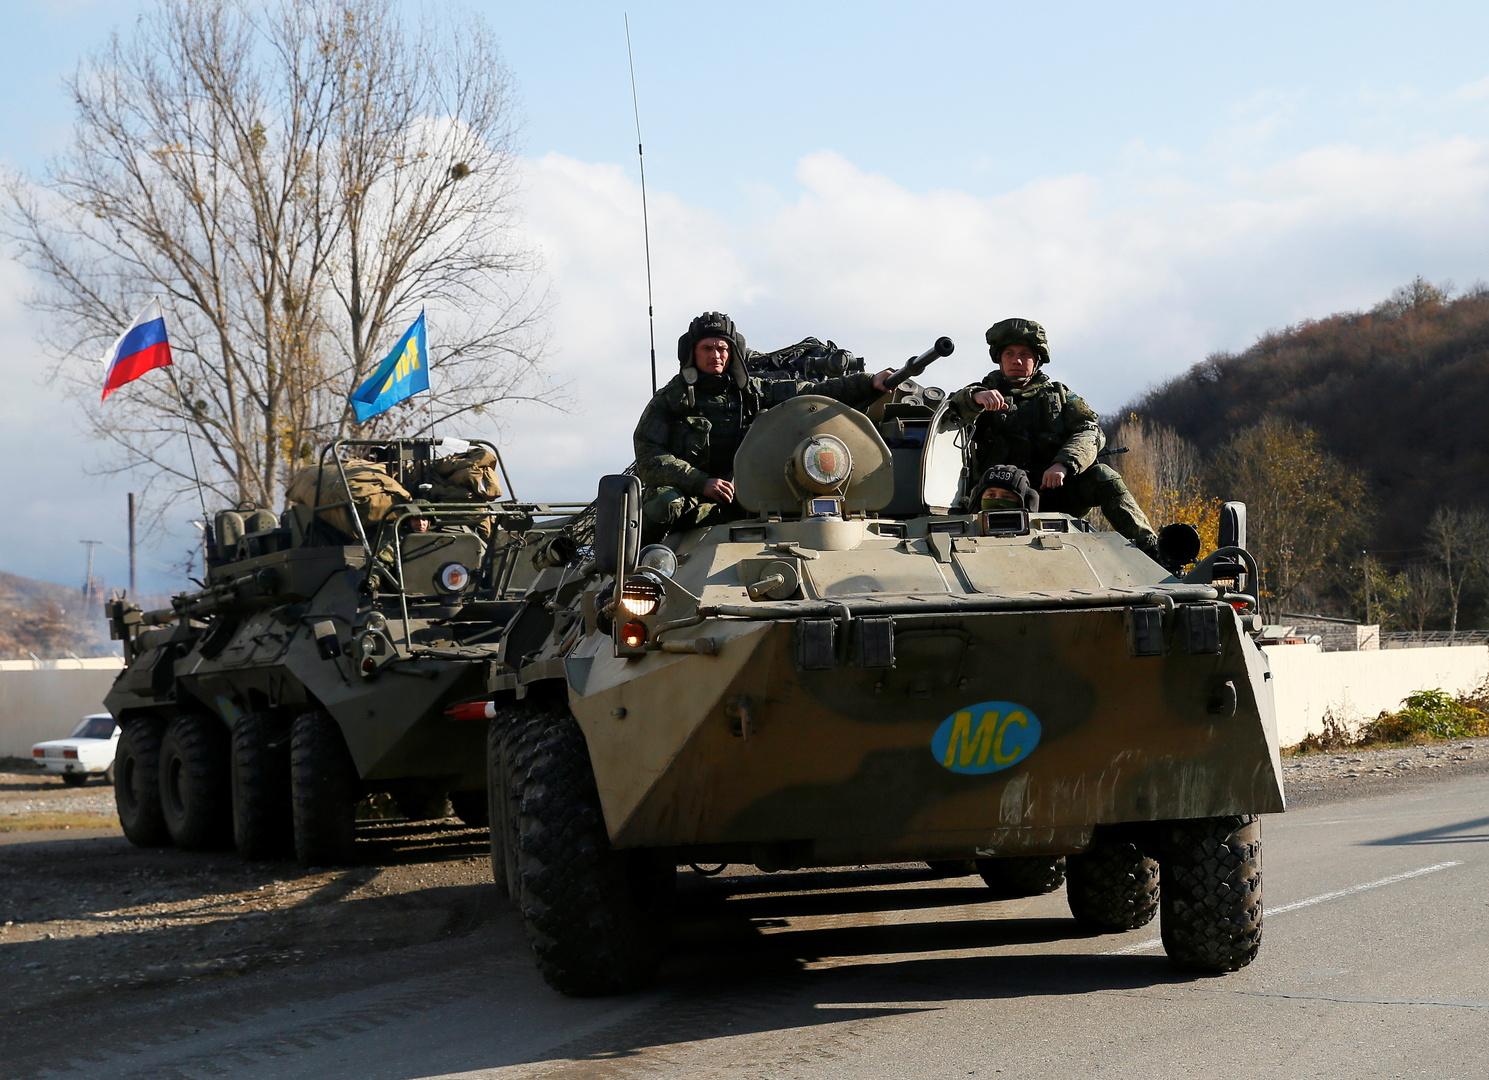 مجلس الاتحاد الروسي يتبنى بالاجماع قرارا يمنح بوتين الحق في إرسال قوات إلى قره باغ